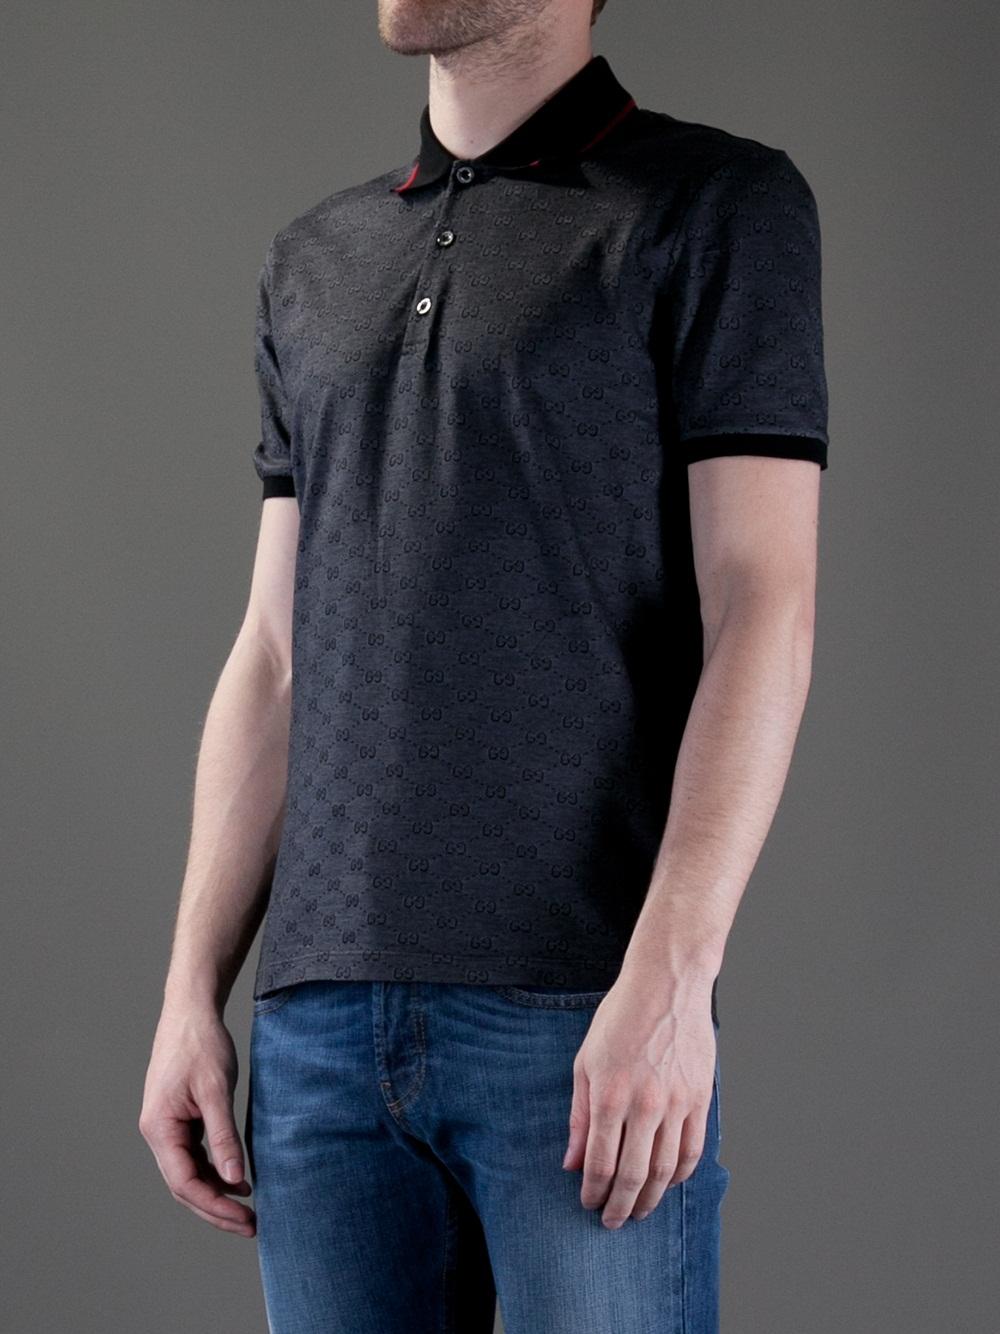 4b2ad6bc9cc0 Cheap Gucci Polo T Shirt - BCD Tofu House